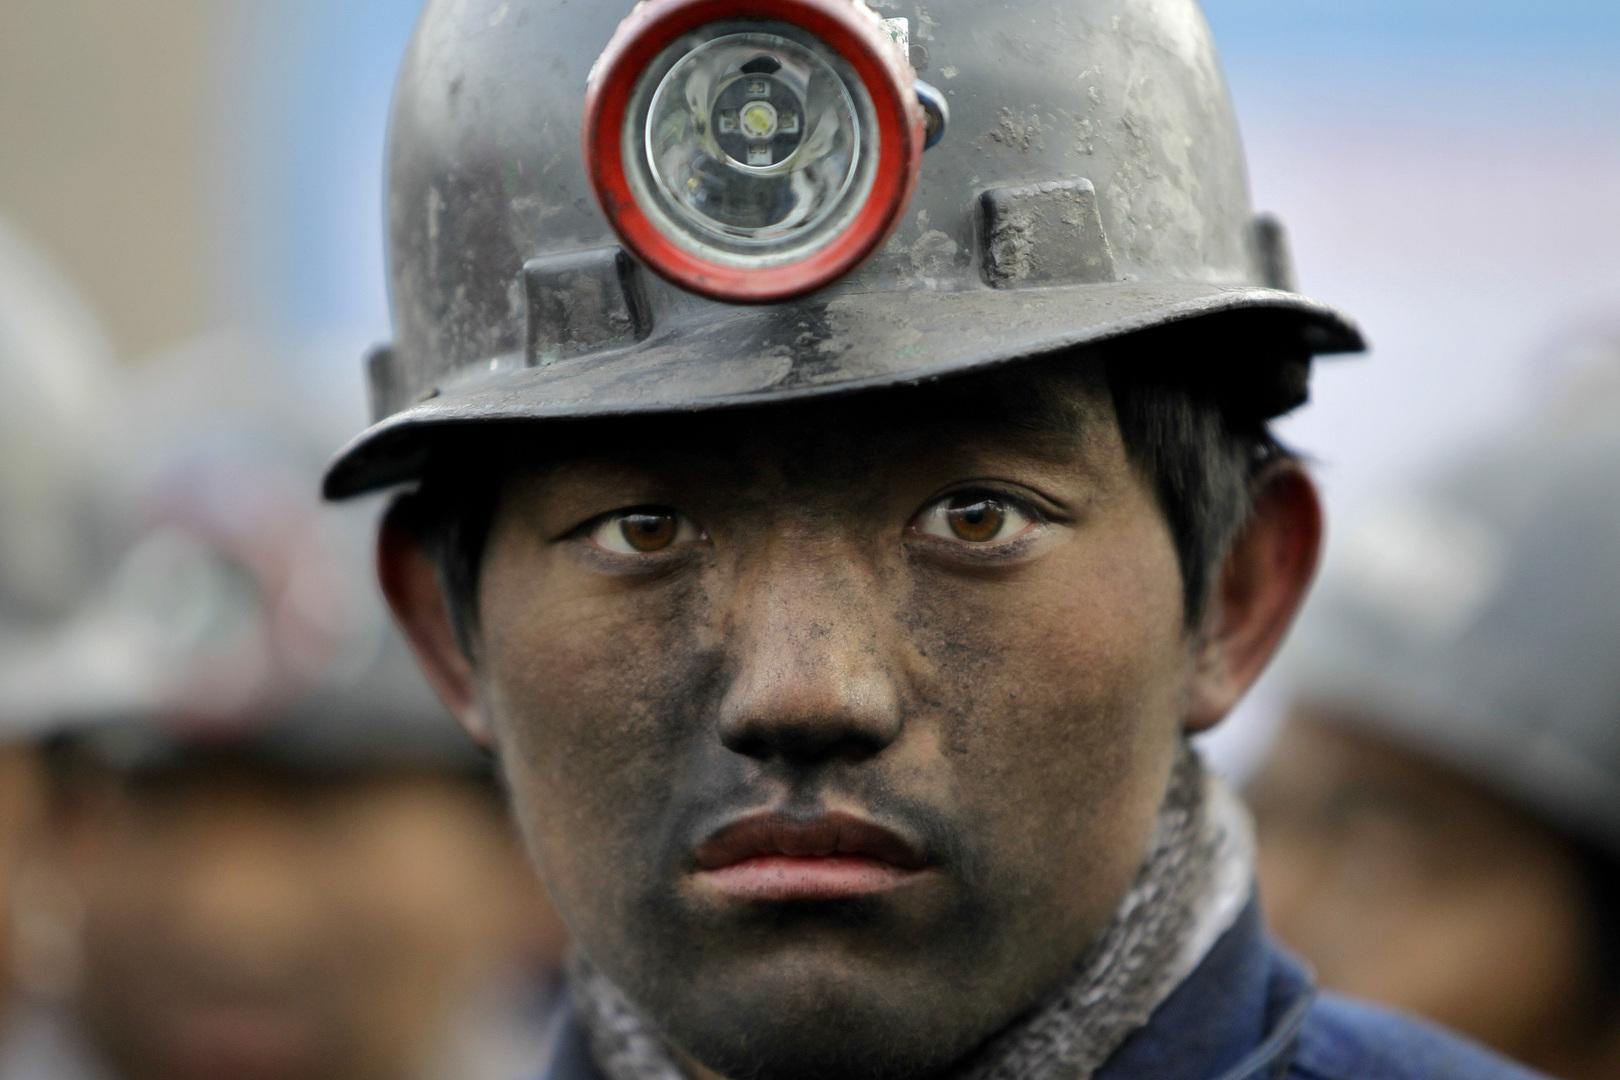 في مناجم إقليم شانتشي بالصين. الصورة: أرشيف